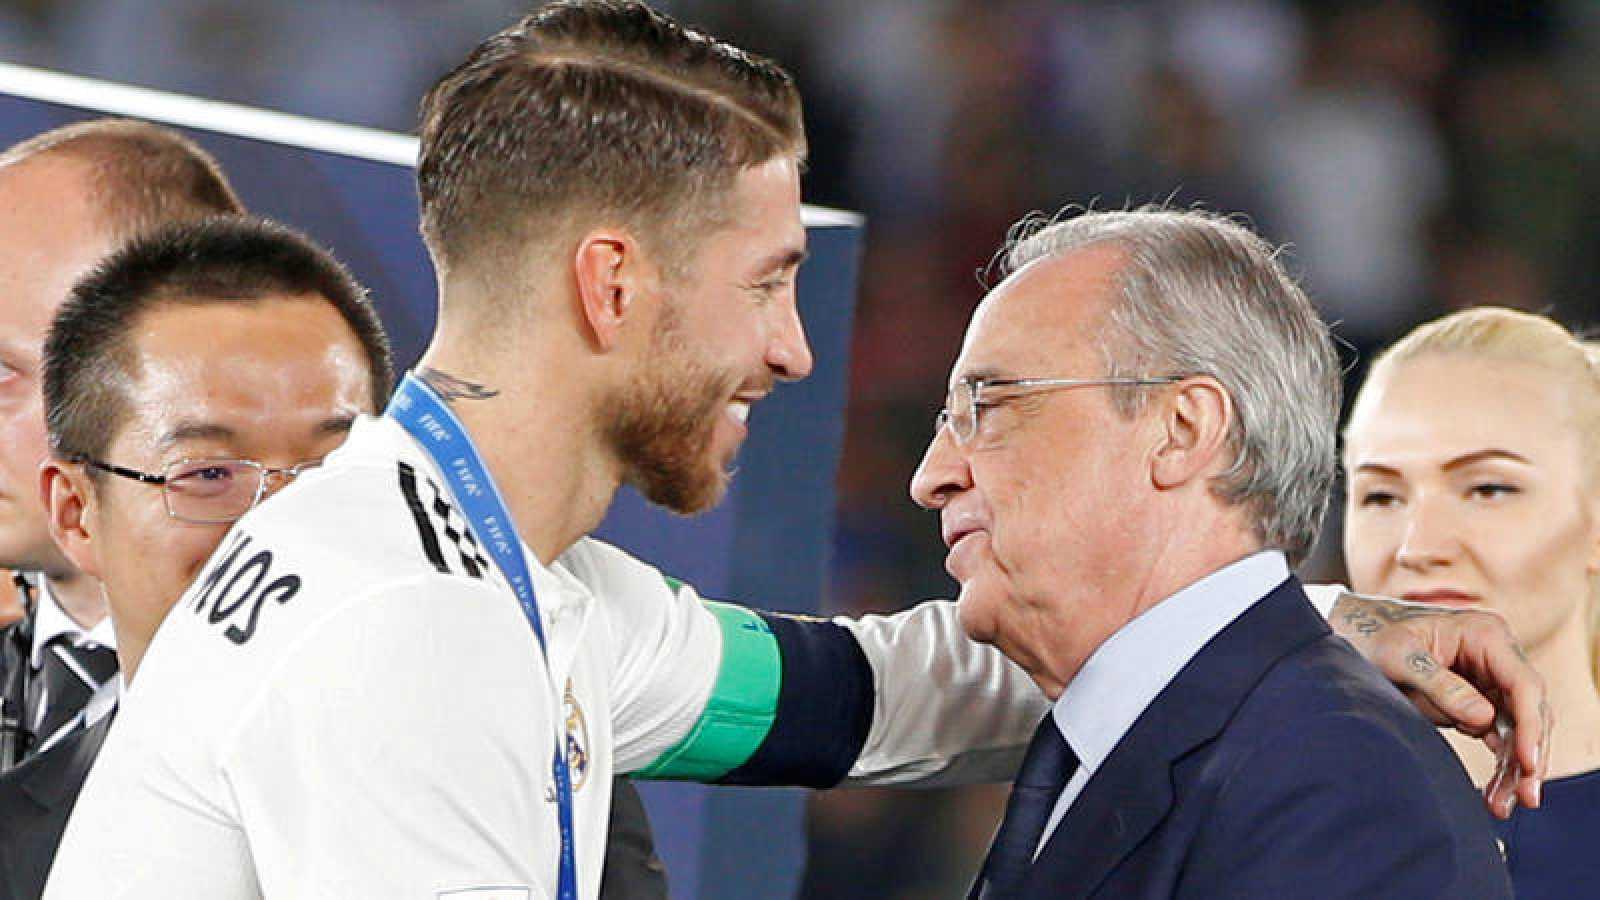 Sergio Ramos y Florentino Pérez se saludan cordialmente tras el pasado Mundialito ganado por el Madrid.